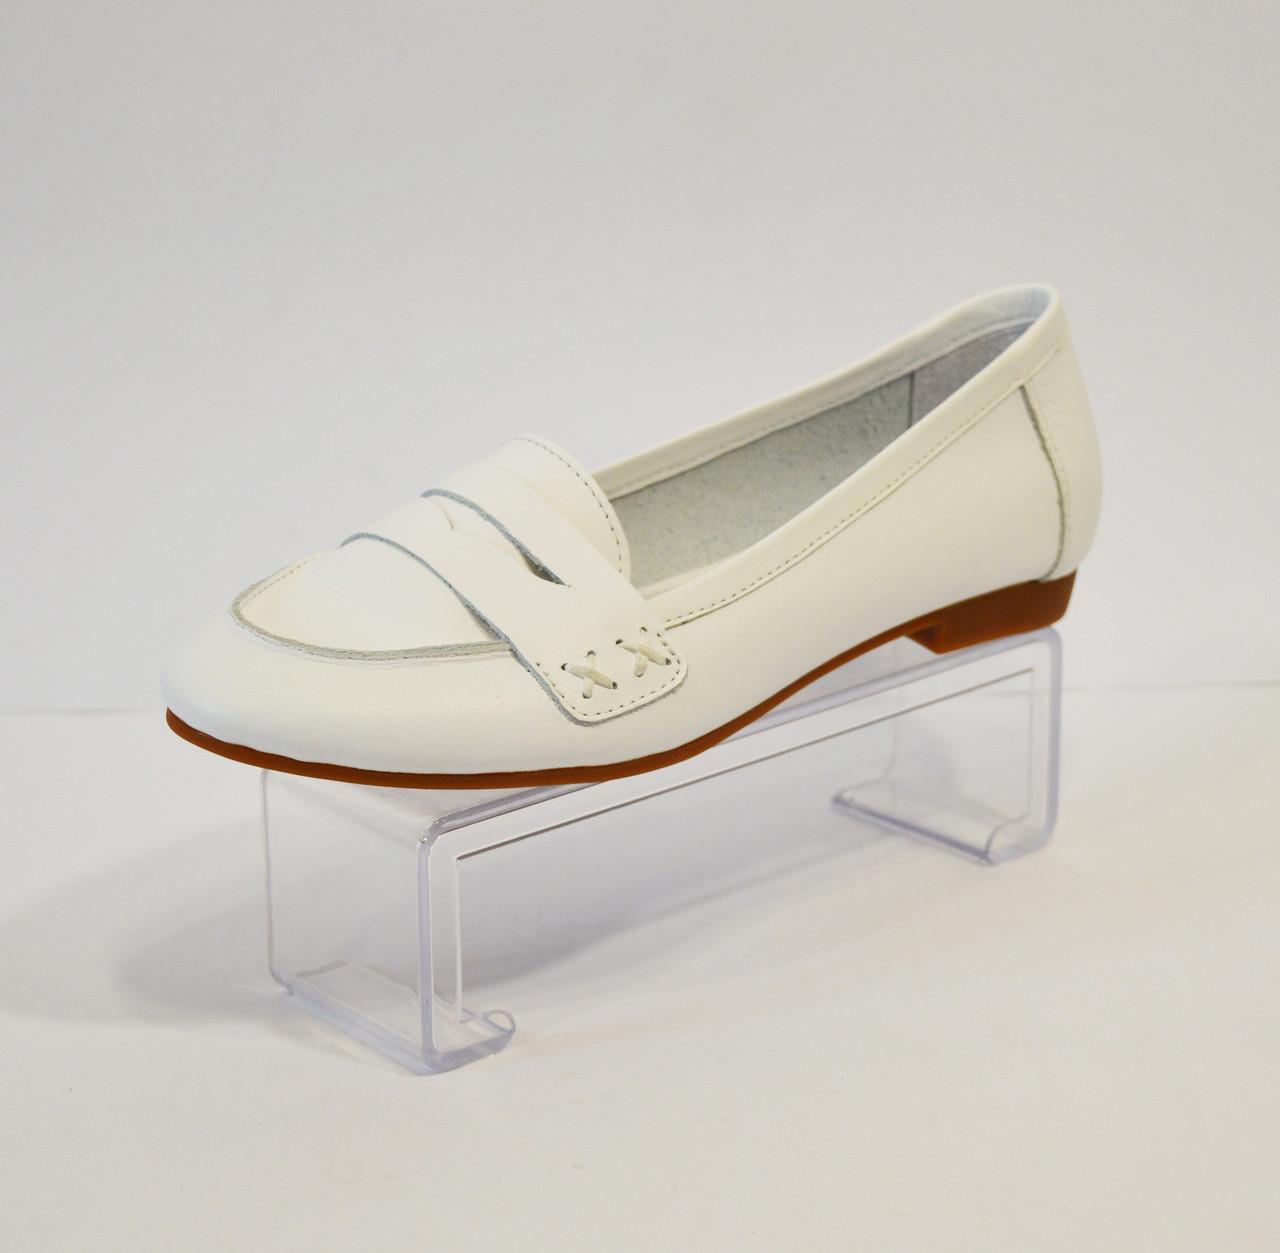 Белые женские балетки Selesta 01